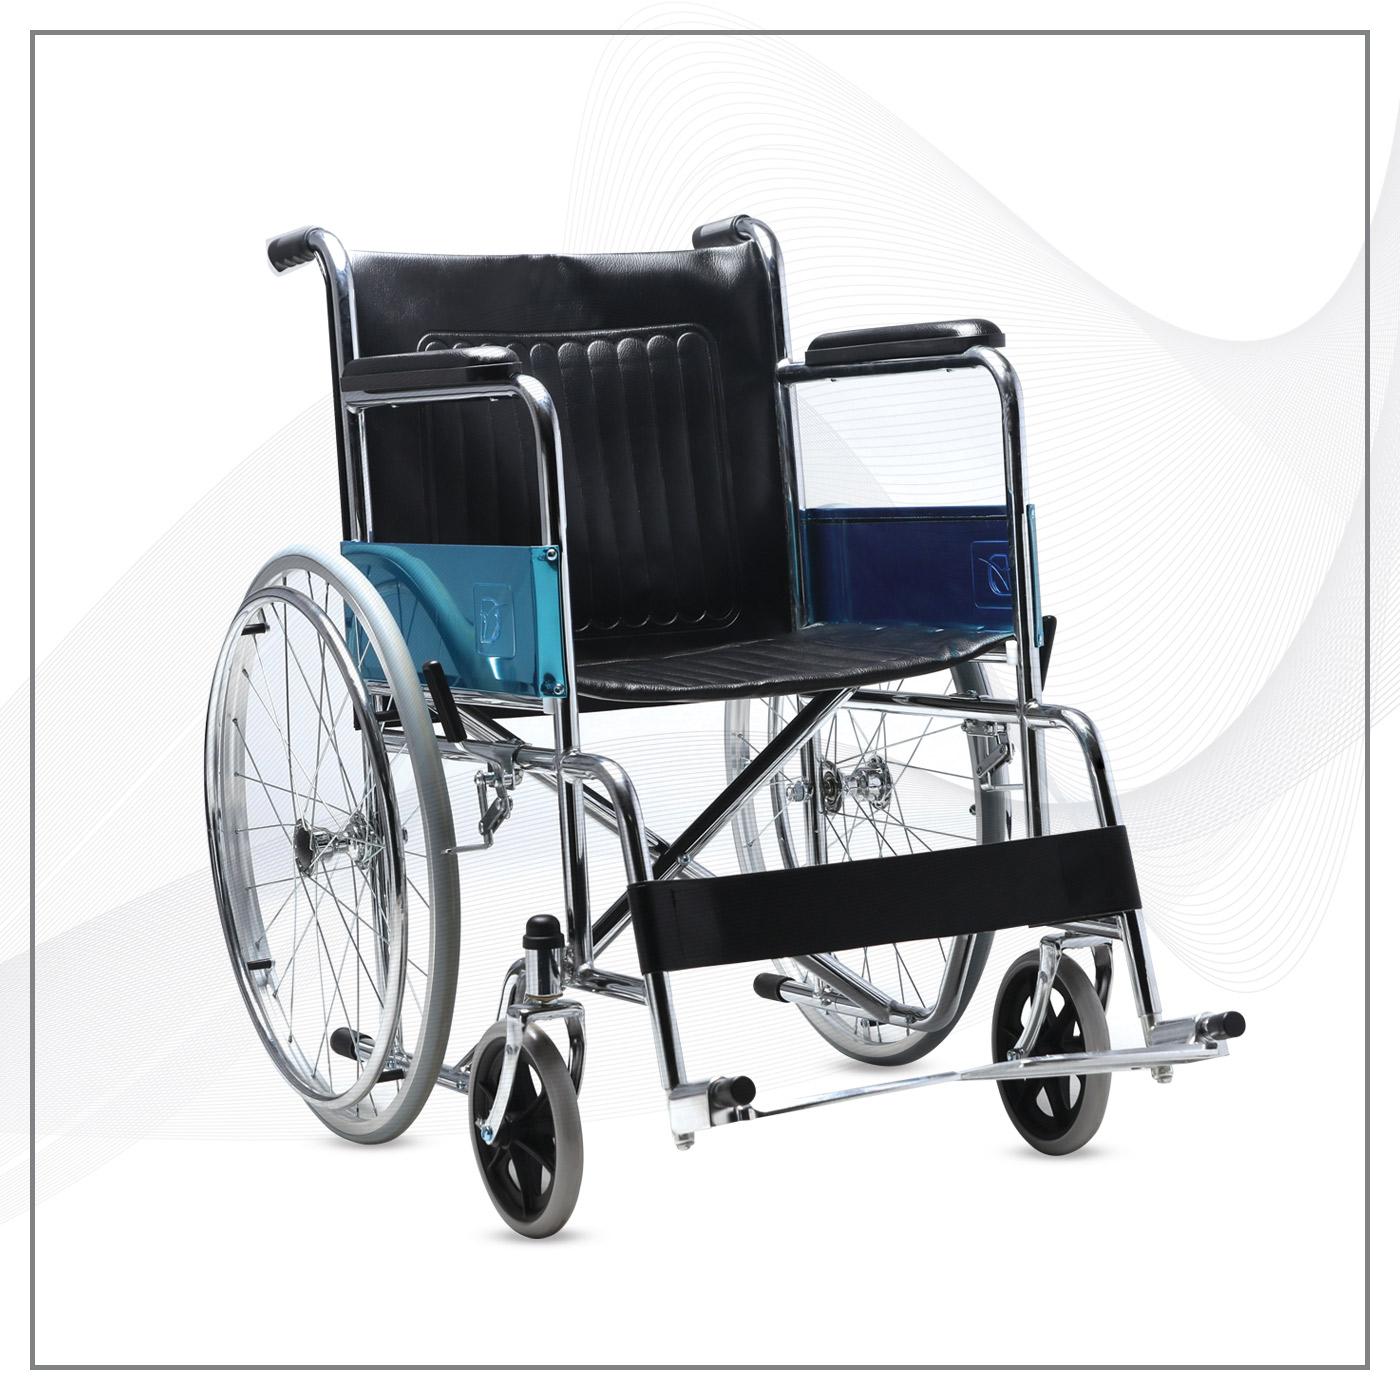 bc Tıp Sağlık Tekerlekli Sandalye ve Oturaklar AL 08-01 KD